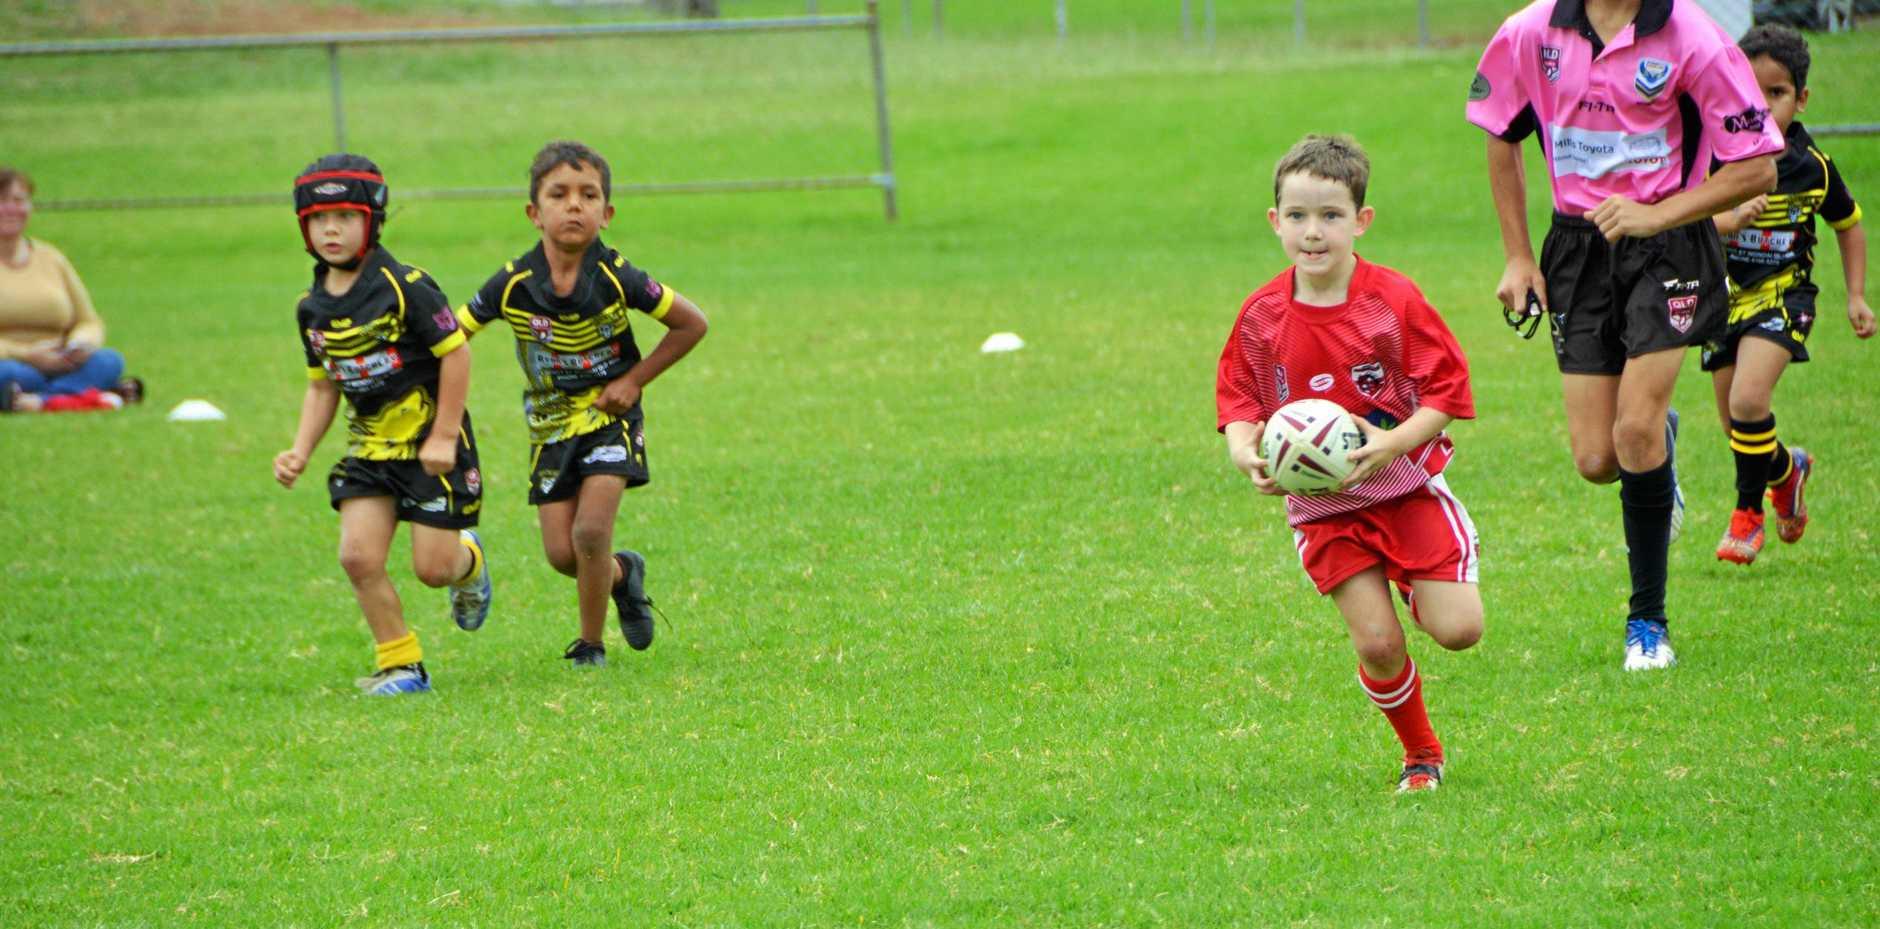 Kingaroy played Wondai, at Kingaroy on Saturday May 4.